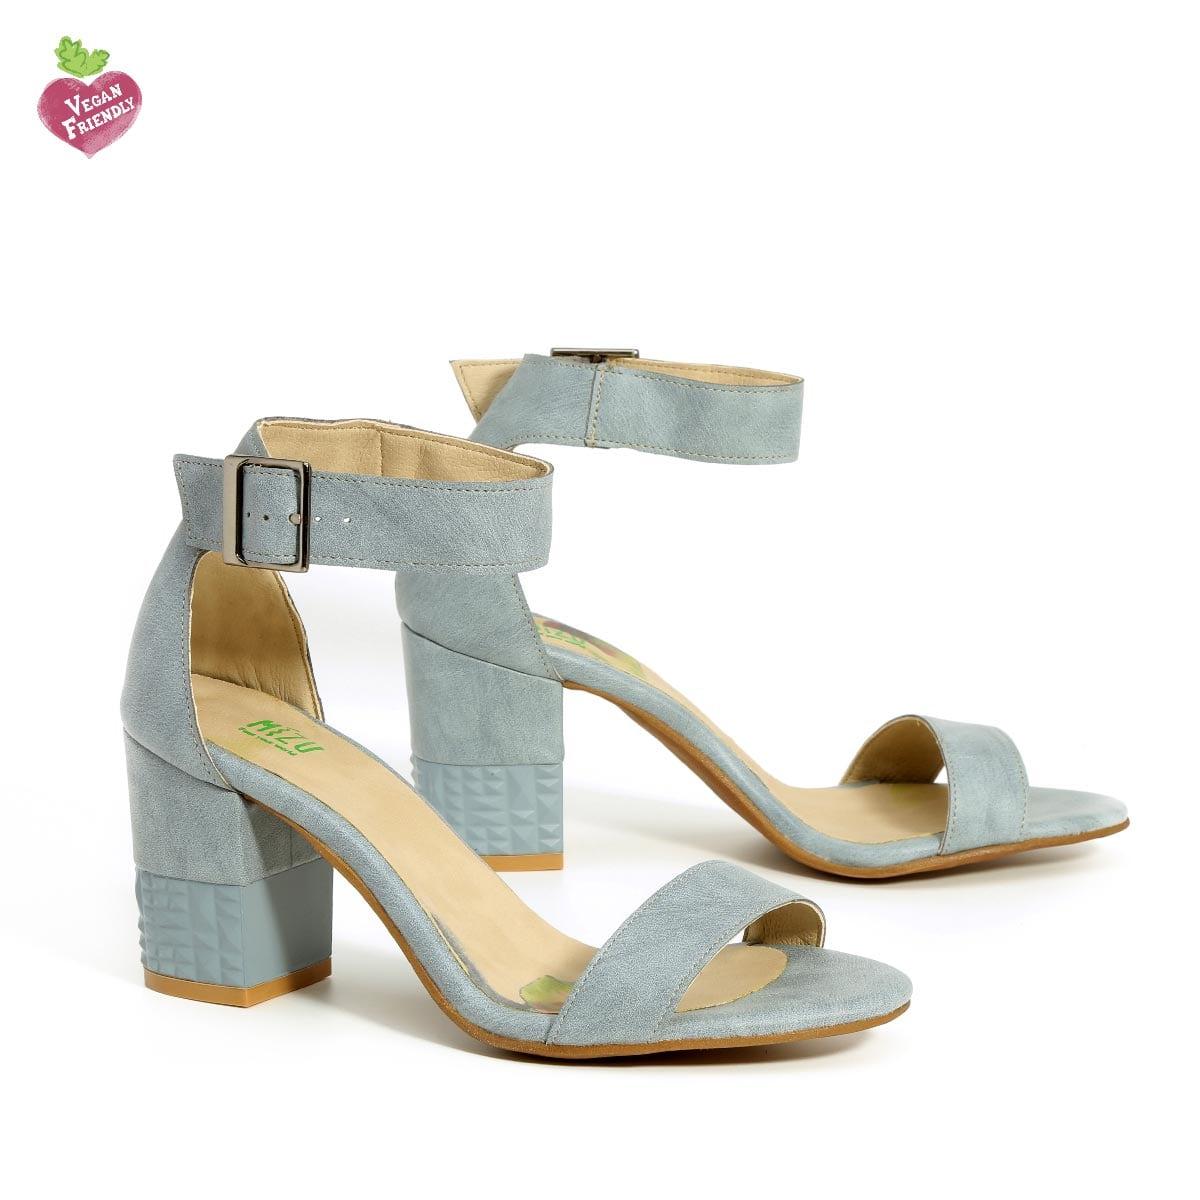 דגם מורין: נעלי עקב טבעוניות בצבע ג'ינס